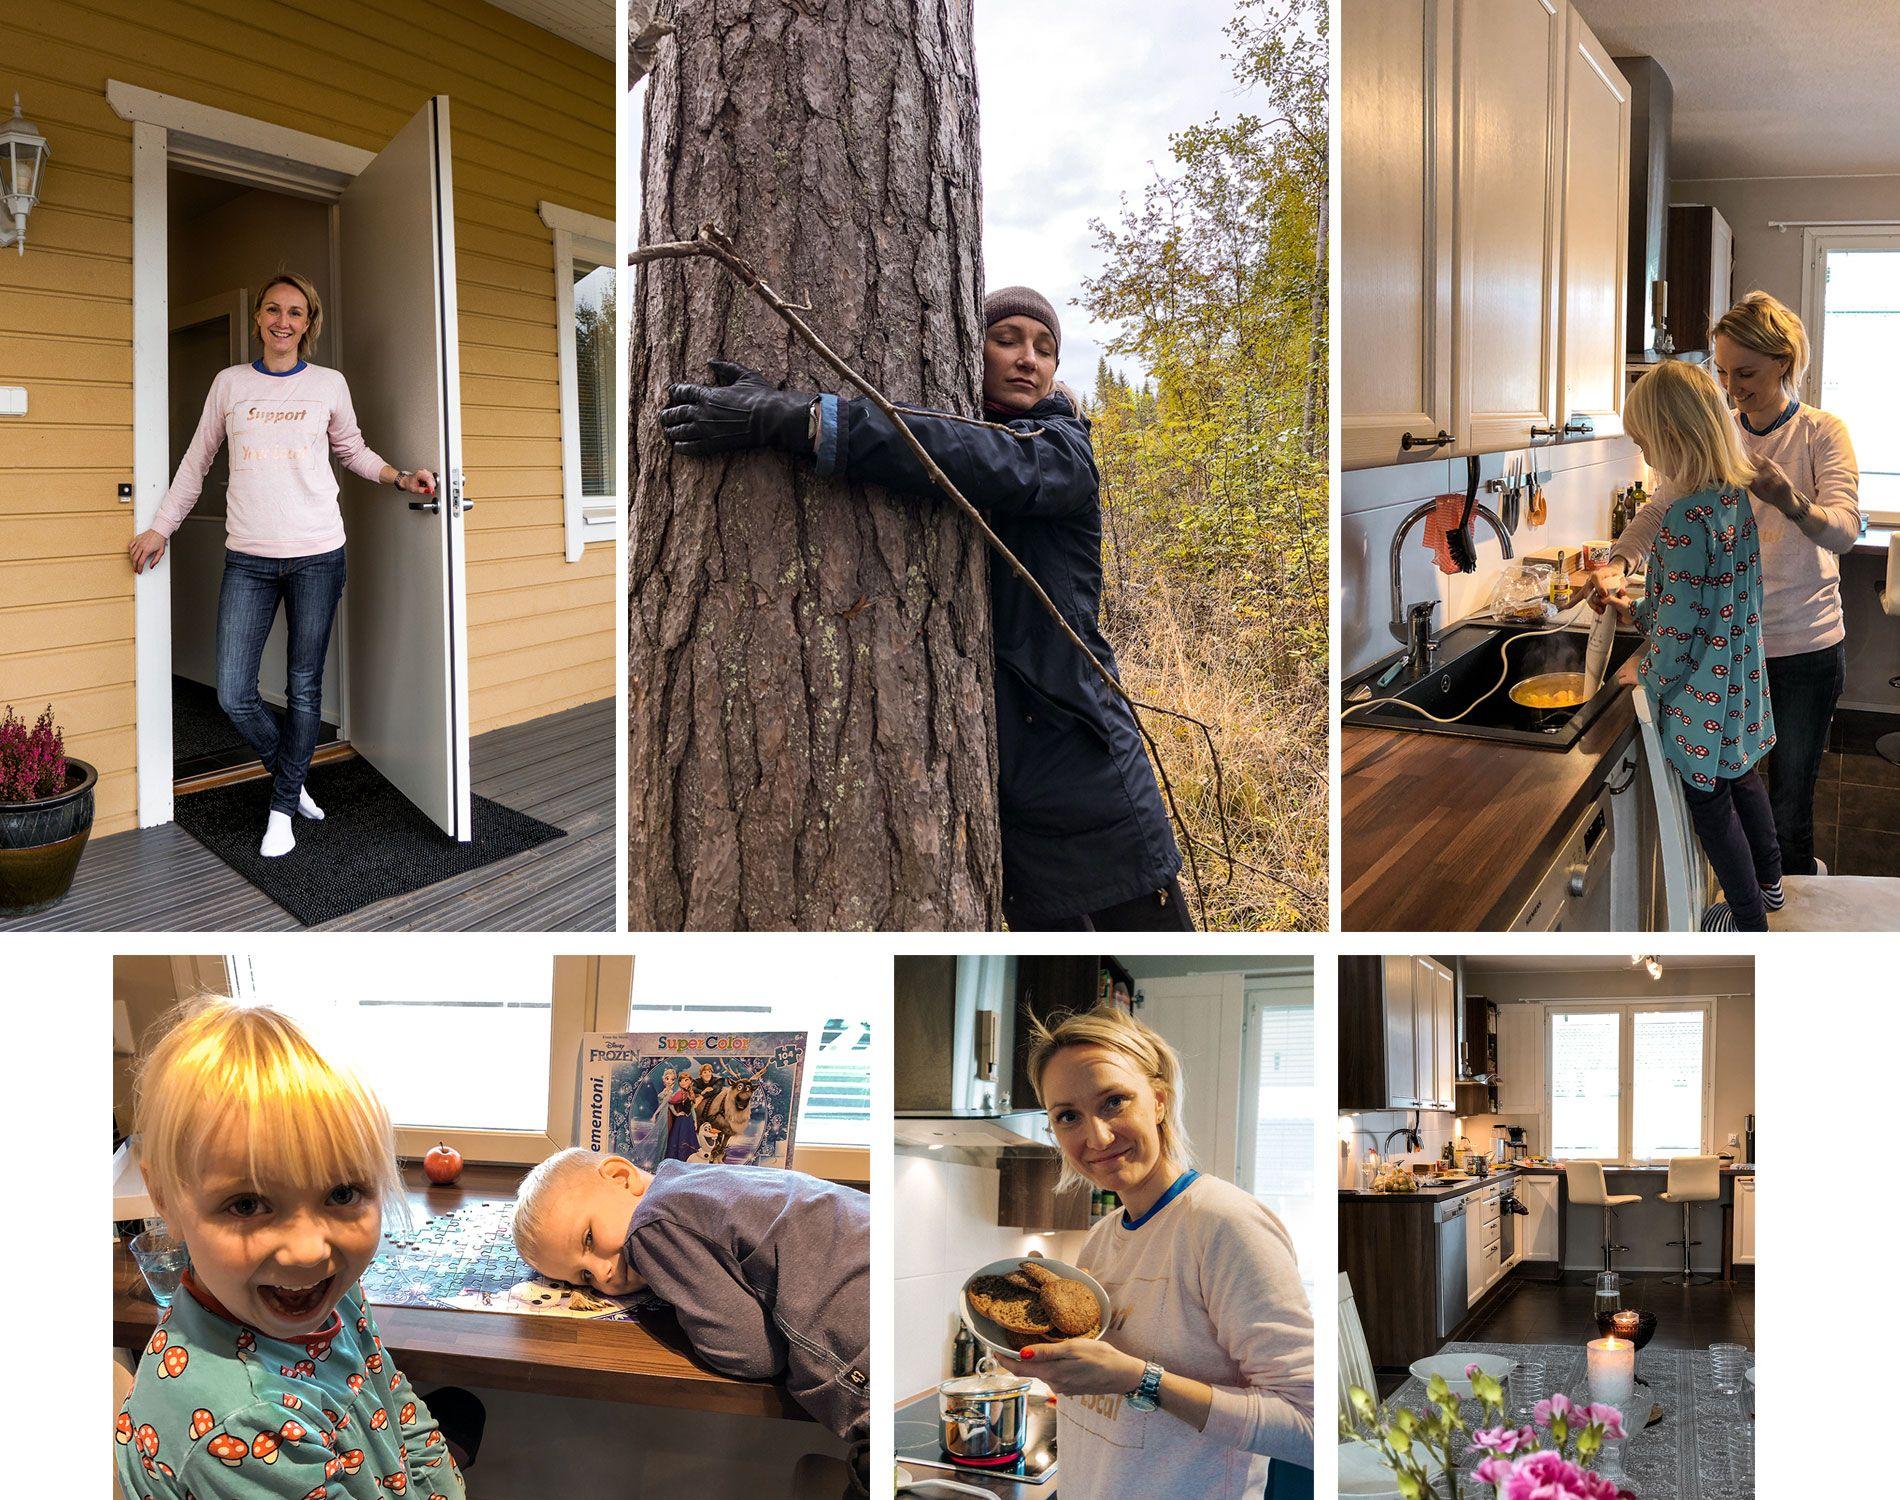 Finlande | région grands lacs | automne | chez l'habitant